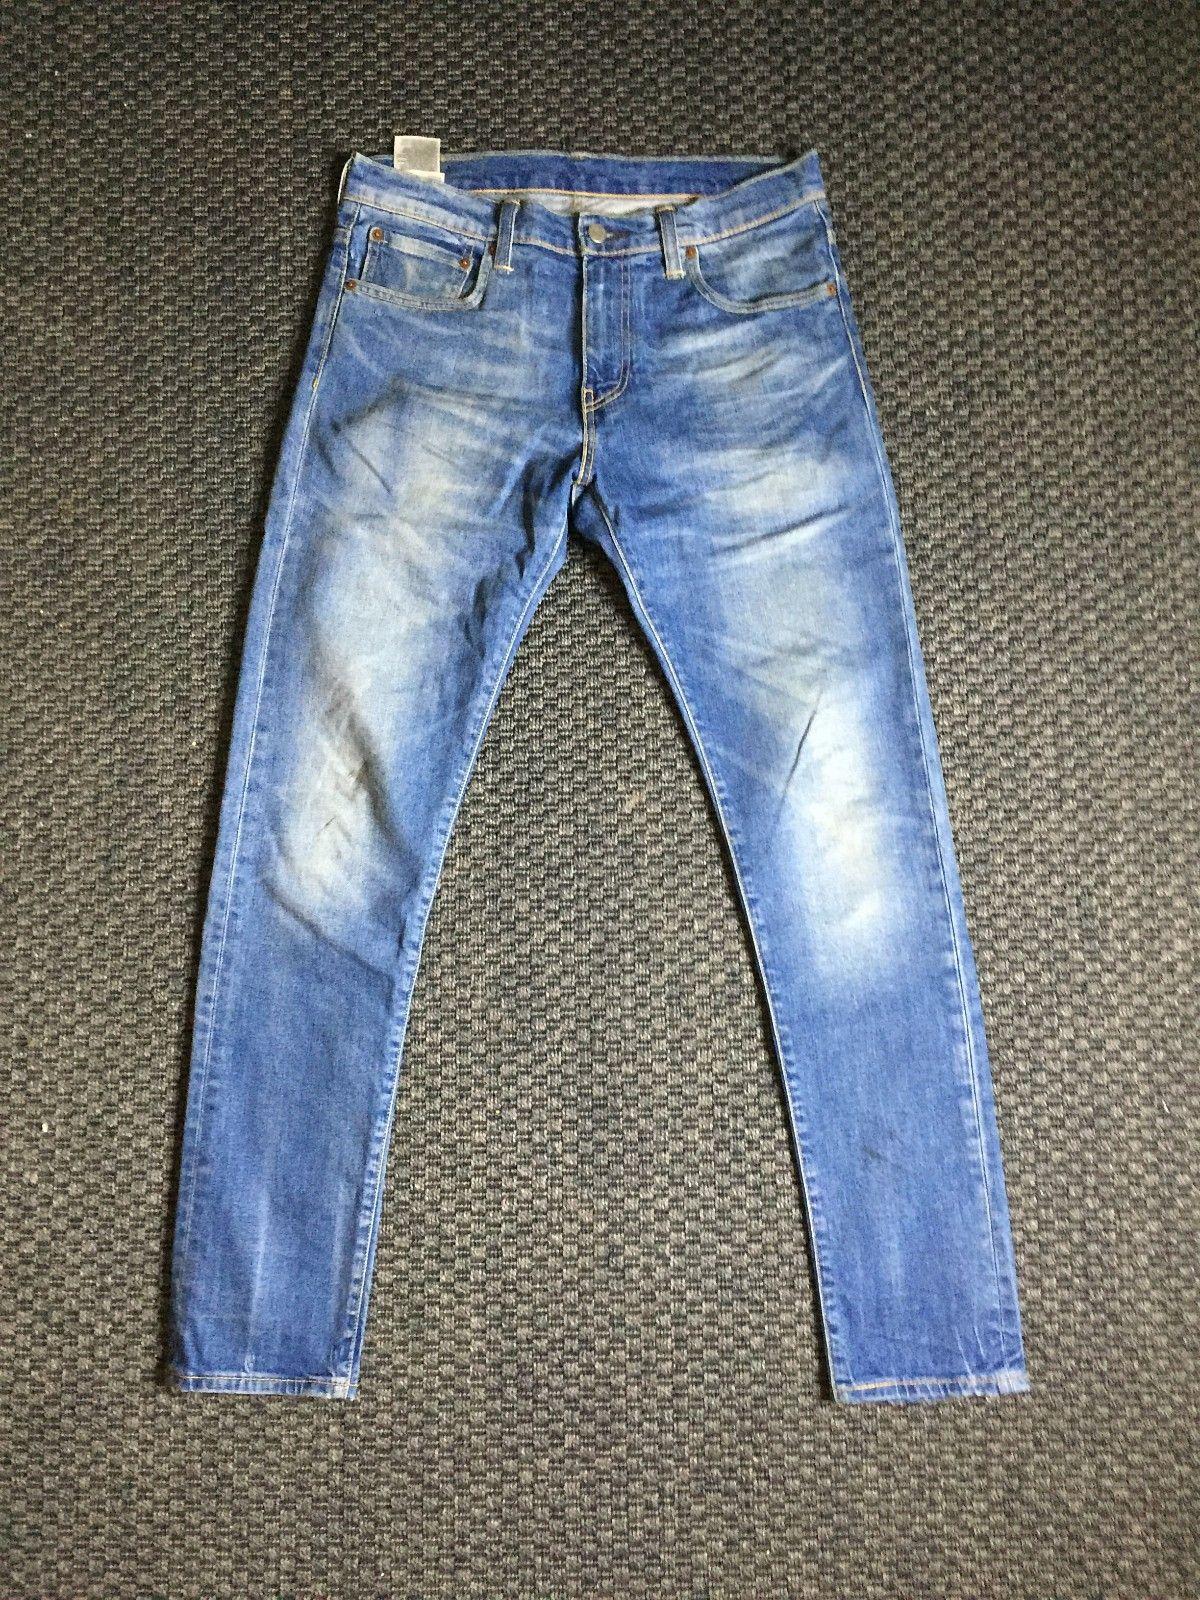 Levis jeans - 520 - W29-L32 - Oslo  - Levis bukser selges nesten ubrukt. Likte dem når jeg så dem i butikken, men fant ut at så lyse bukser ikke var noe for meg :)  520 serien til Levis W29 L32  Har ingen kvittering, men kjøpt i Levis  - Oslo